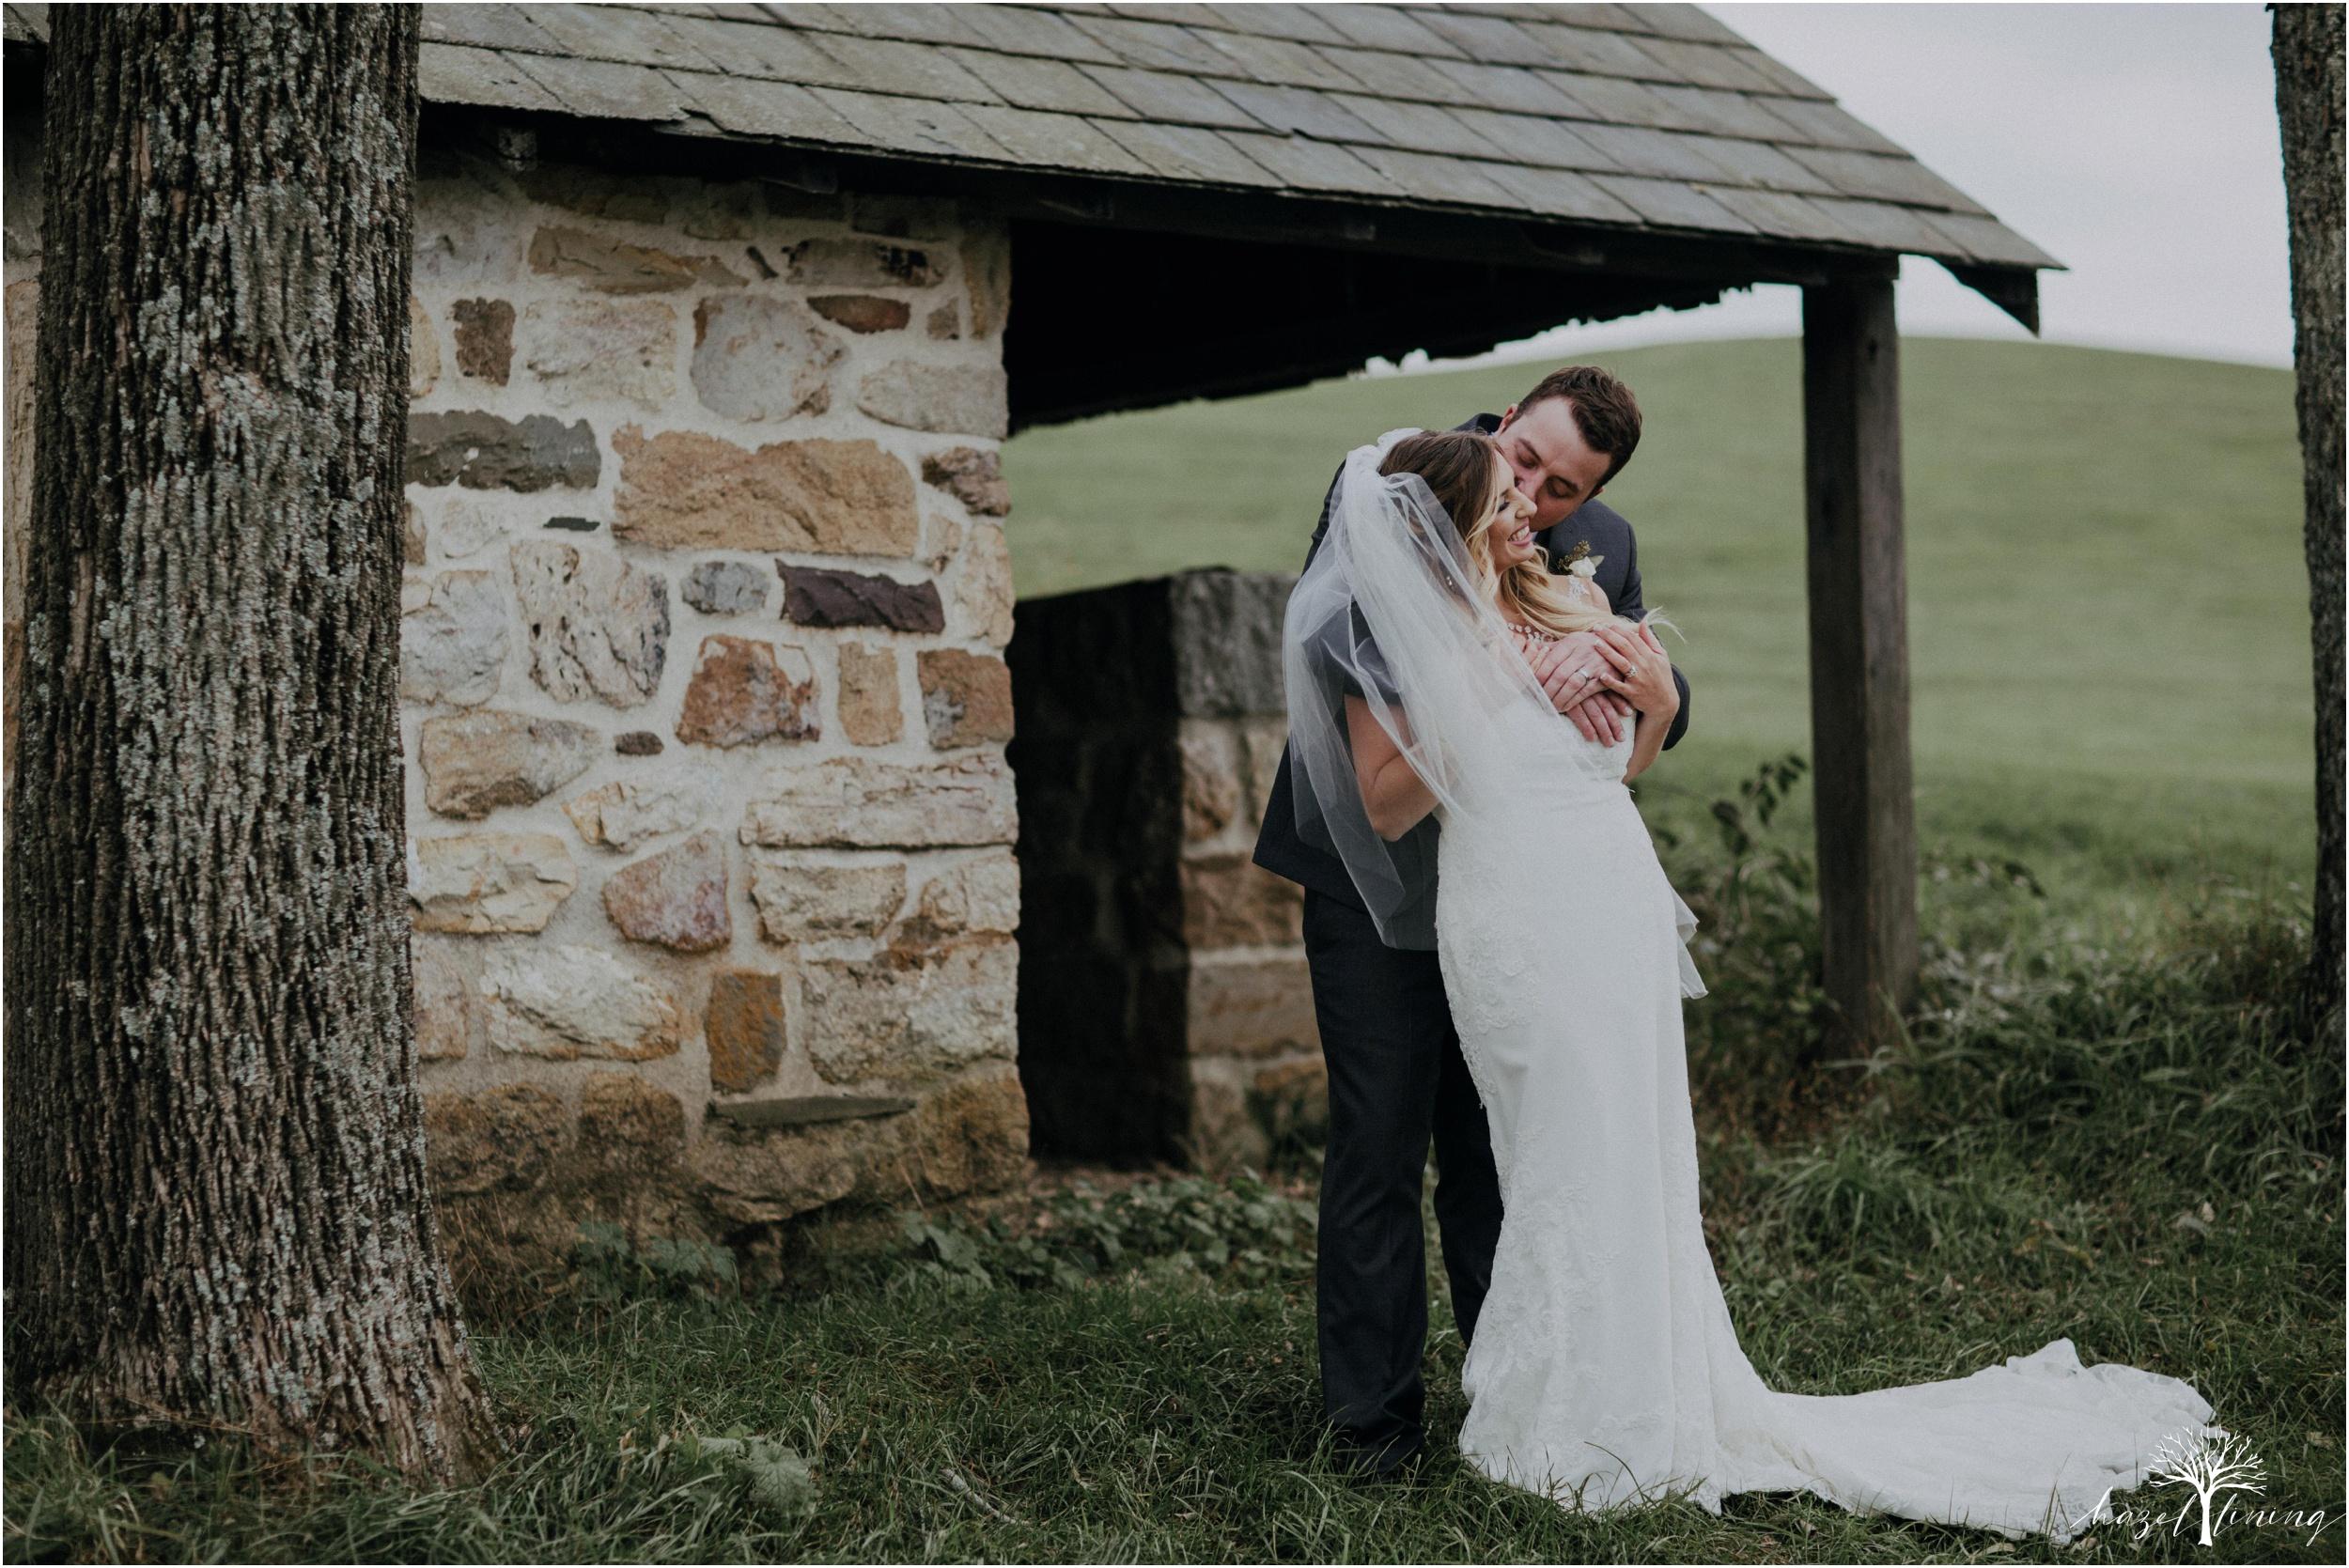 jessie-martin-zach-umlauf-olde-homestead-golfclub-outdoor-autumn-wedding_0123.jpg